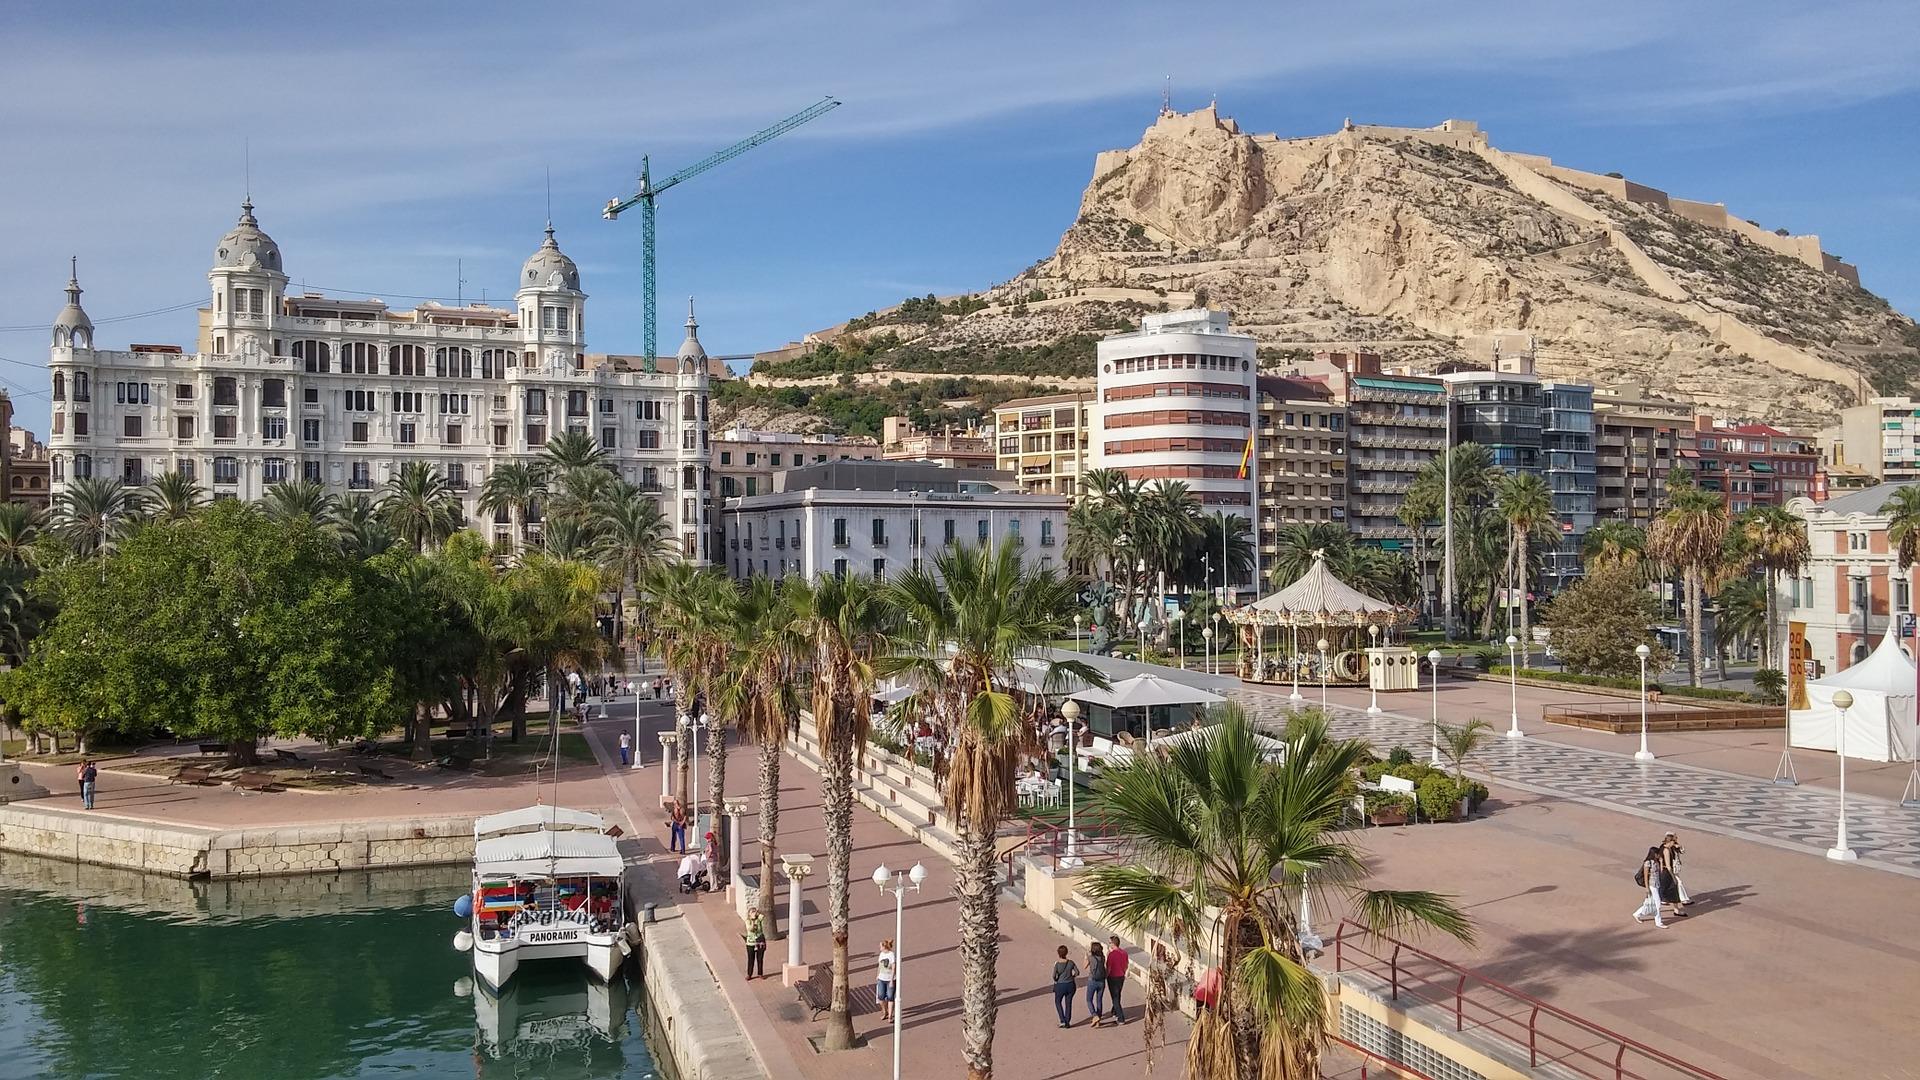 Castillo de Santa Bárbara – zabytkowa warownia, położona na wysokiej skale nad starym miastem w Alicante